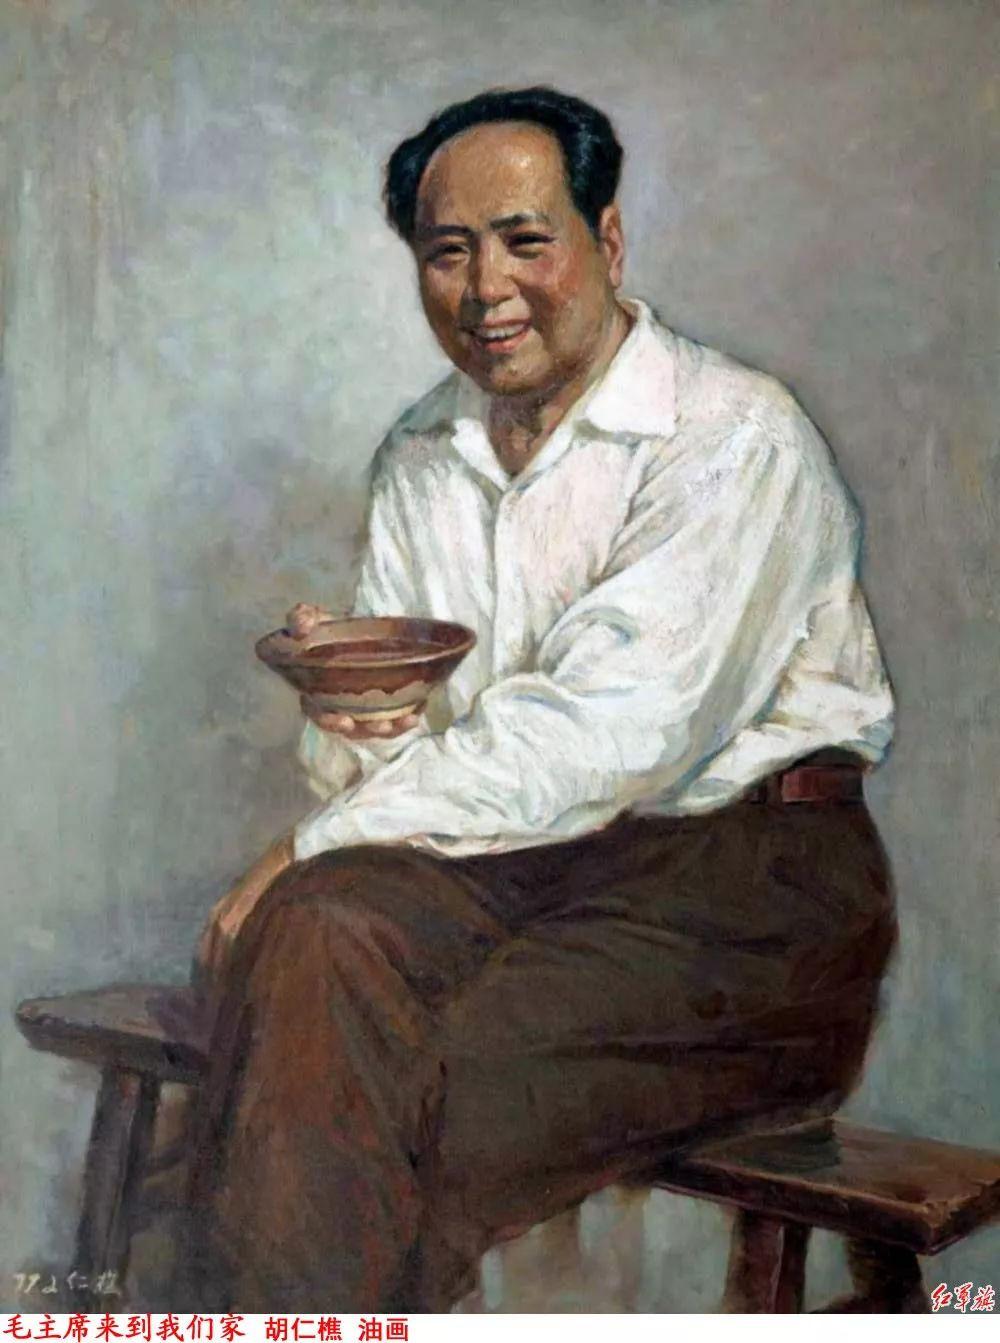 画家笔下的毛主席 缅怀毛主席逝世43周年插图66